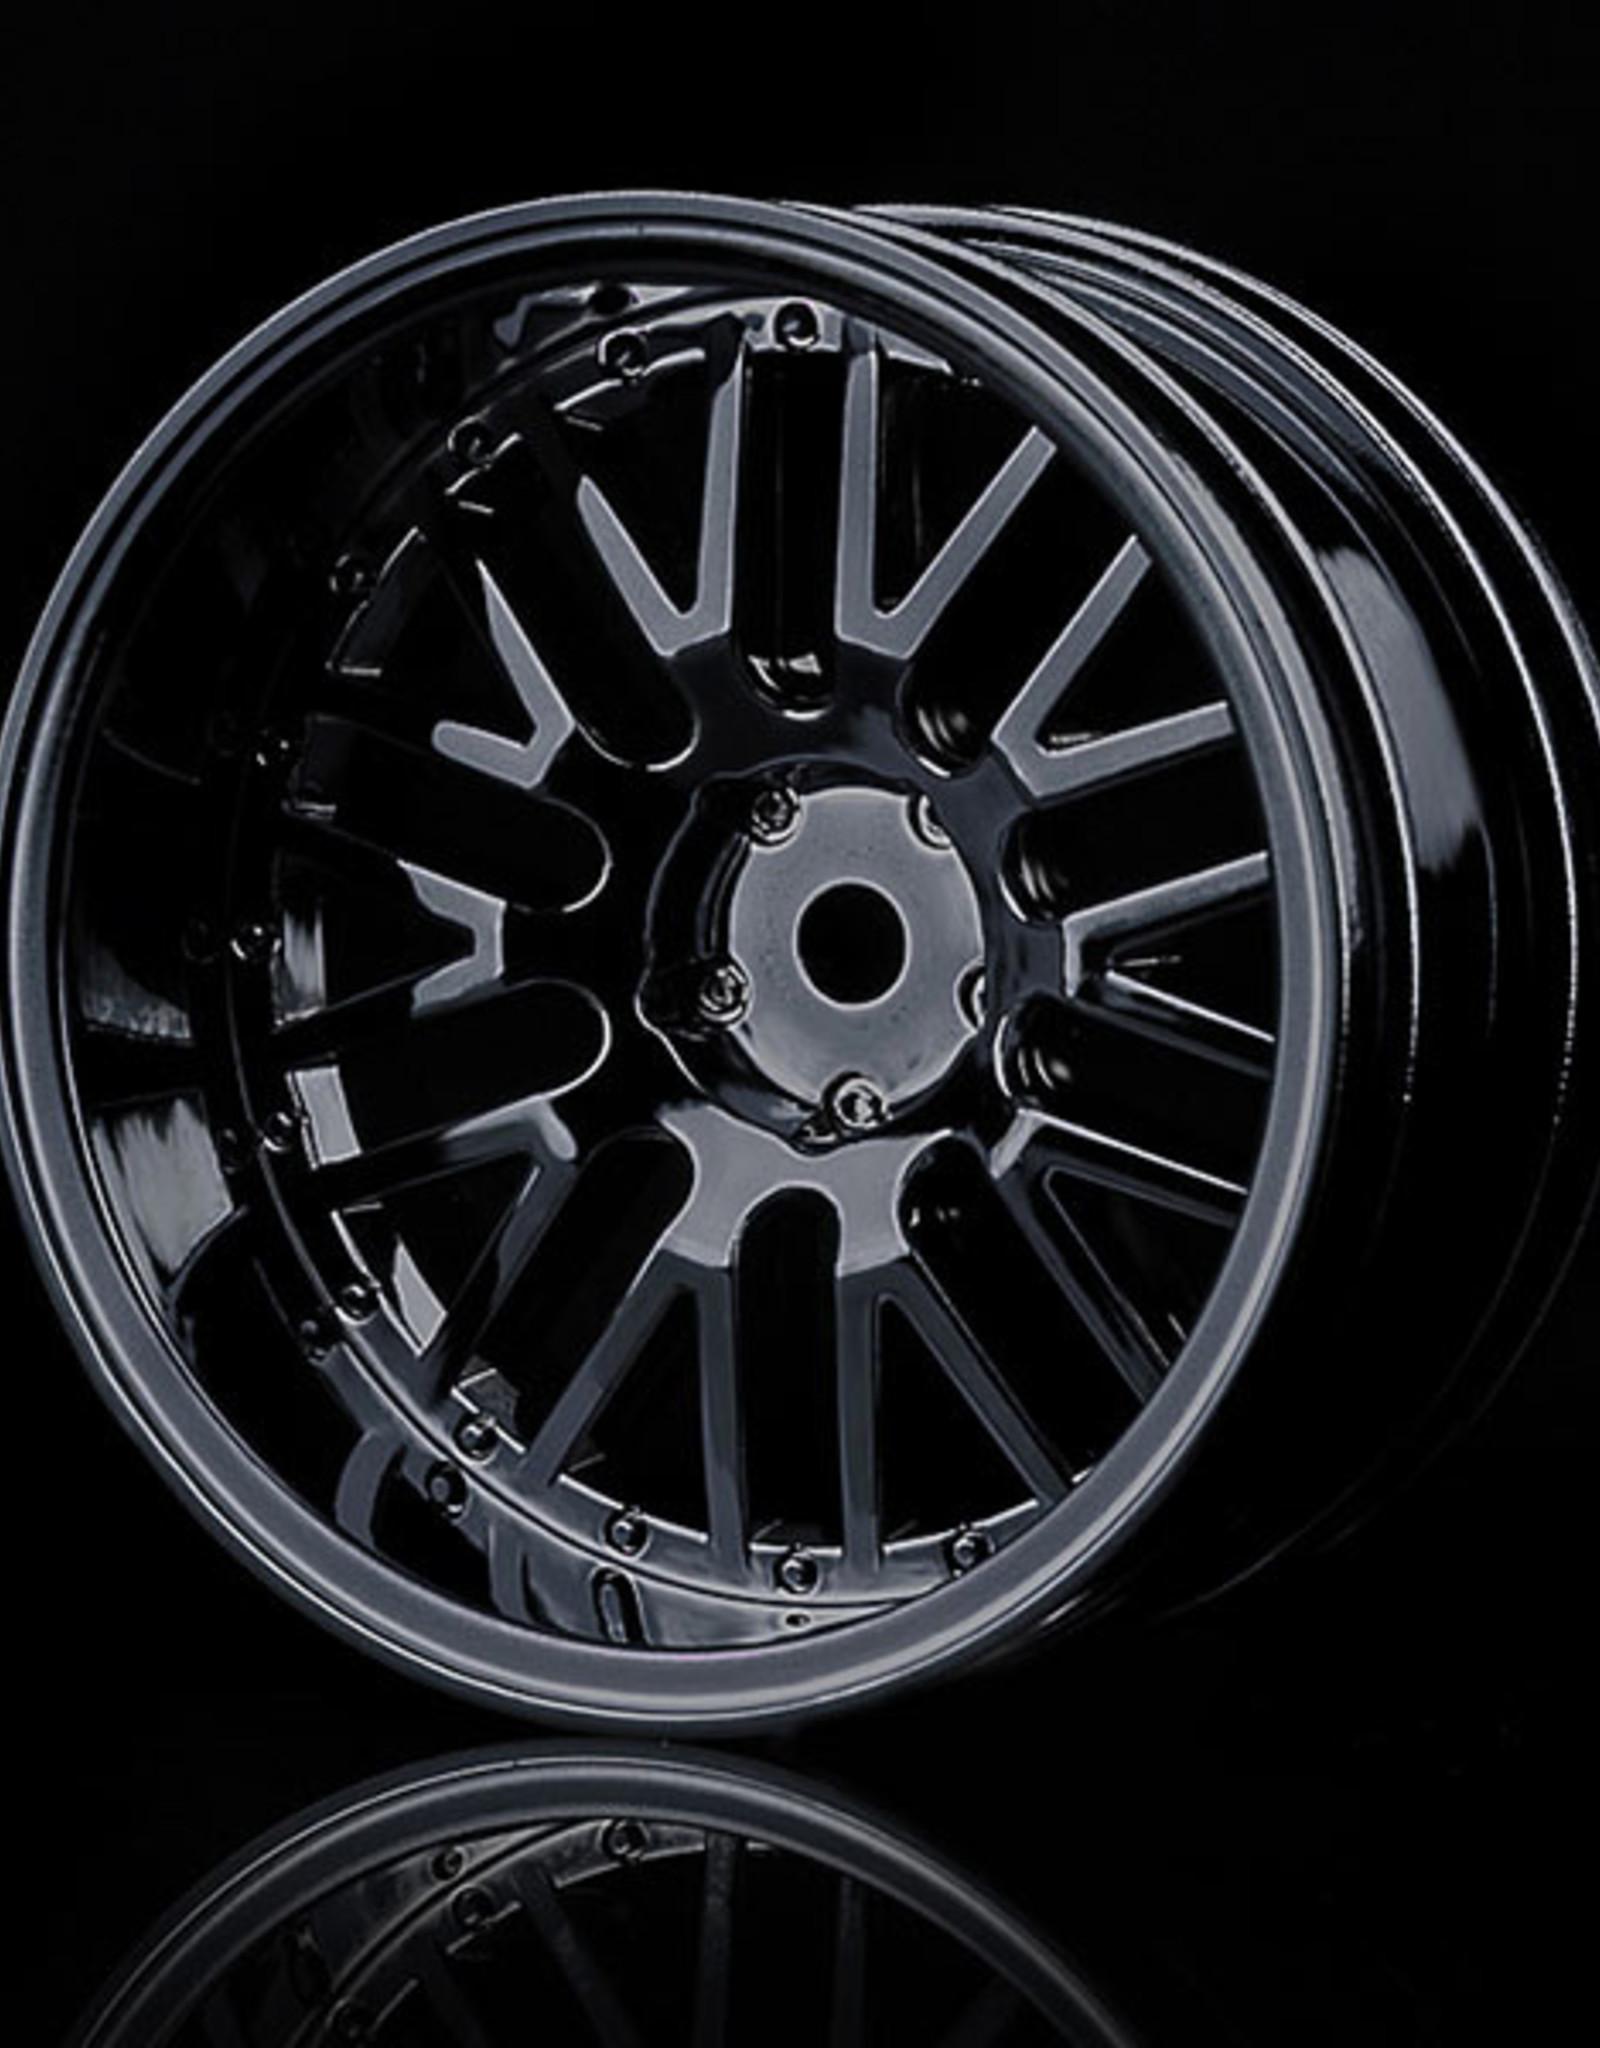 MST 10 Spoke Wheel (4pcs) by MST Black 11mm